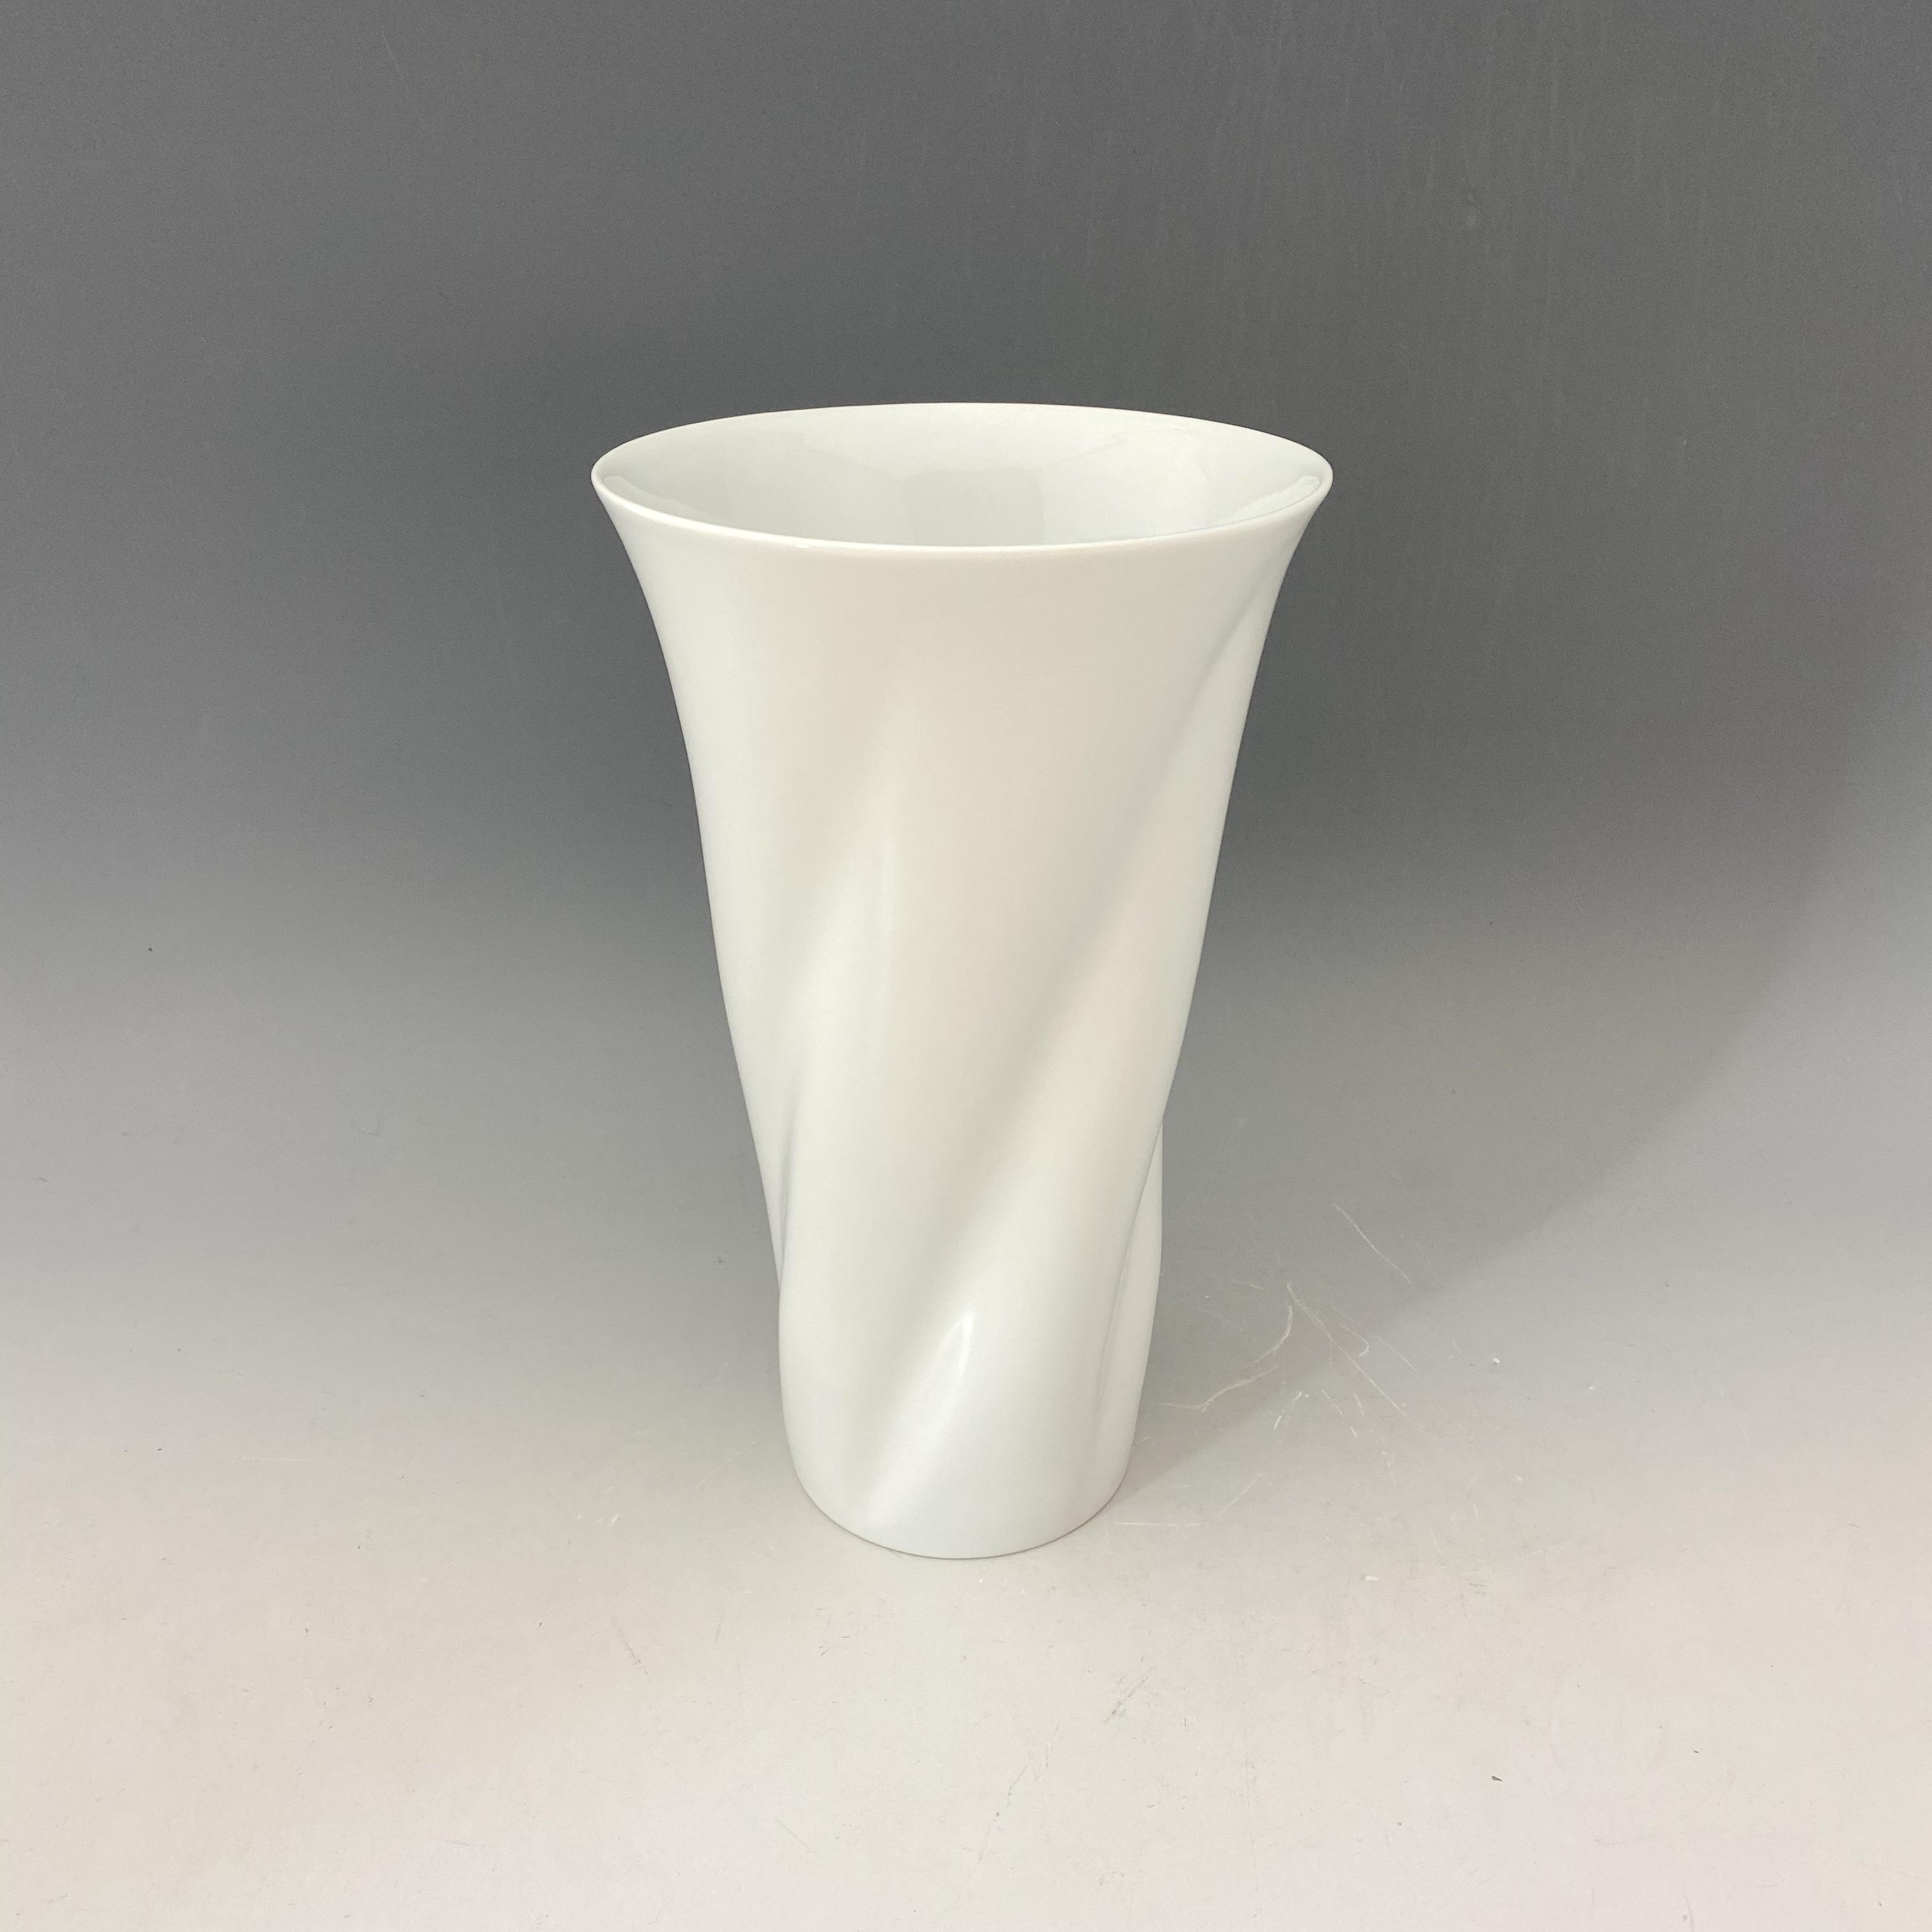 【中尾純】白磁ひねり花器